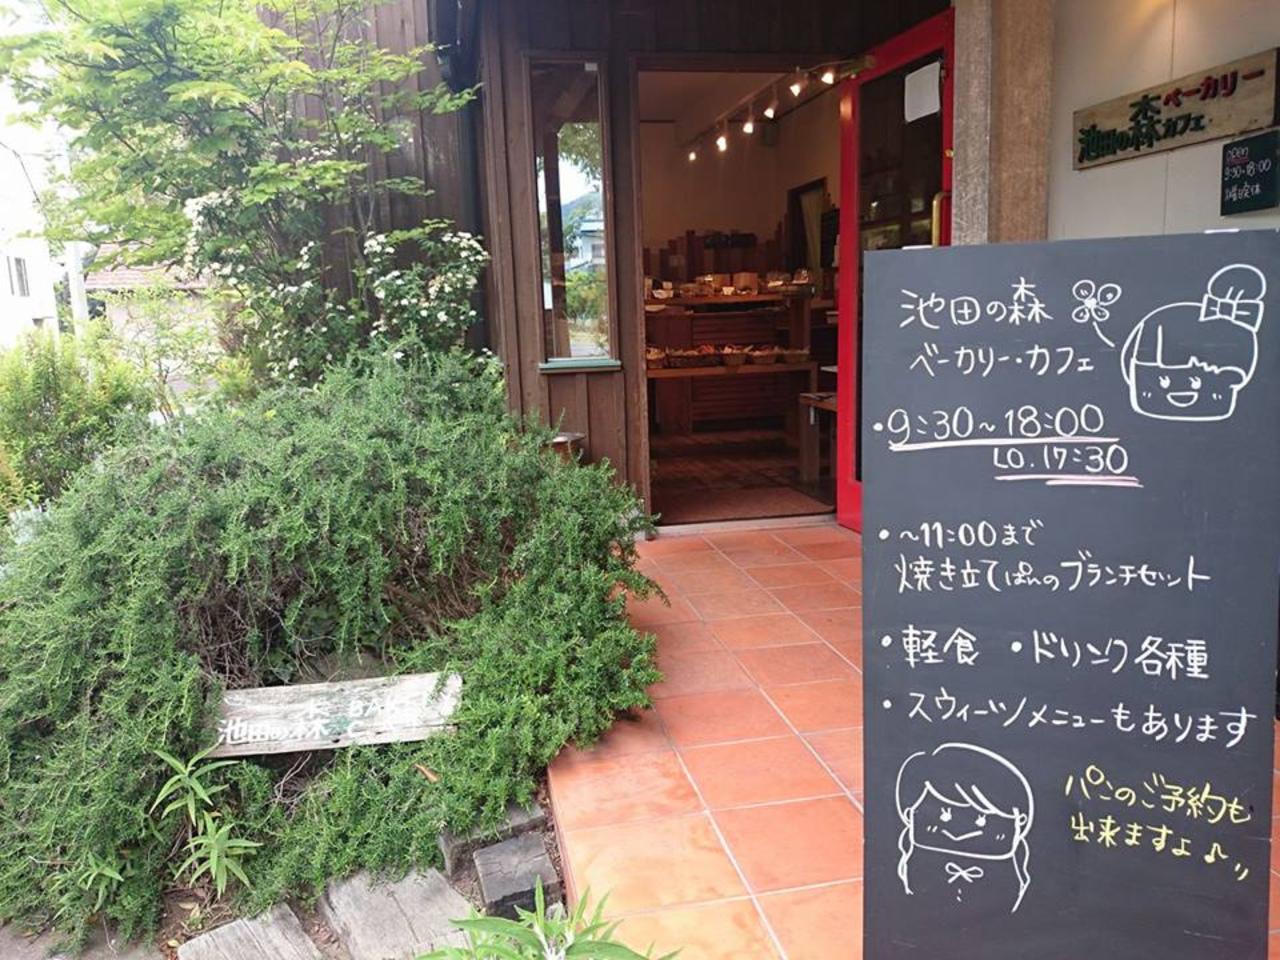 身体に優しいパン屋...静岡市駿河区の『池田の森ベーカリーカフェ』